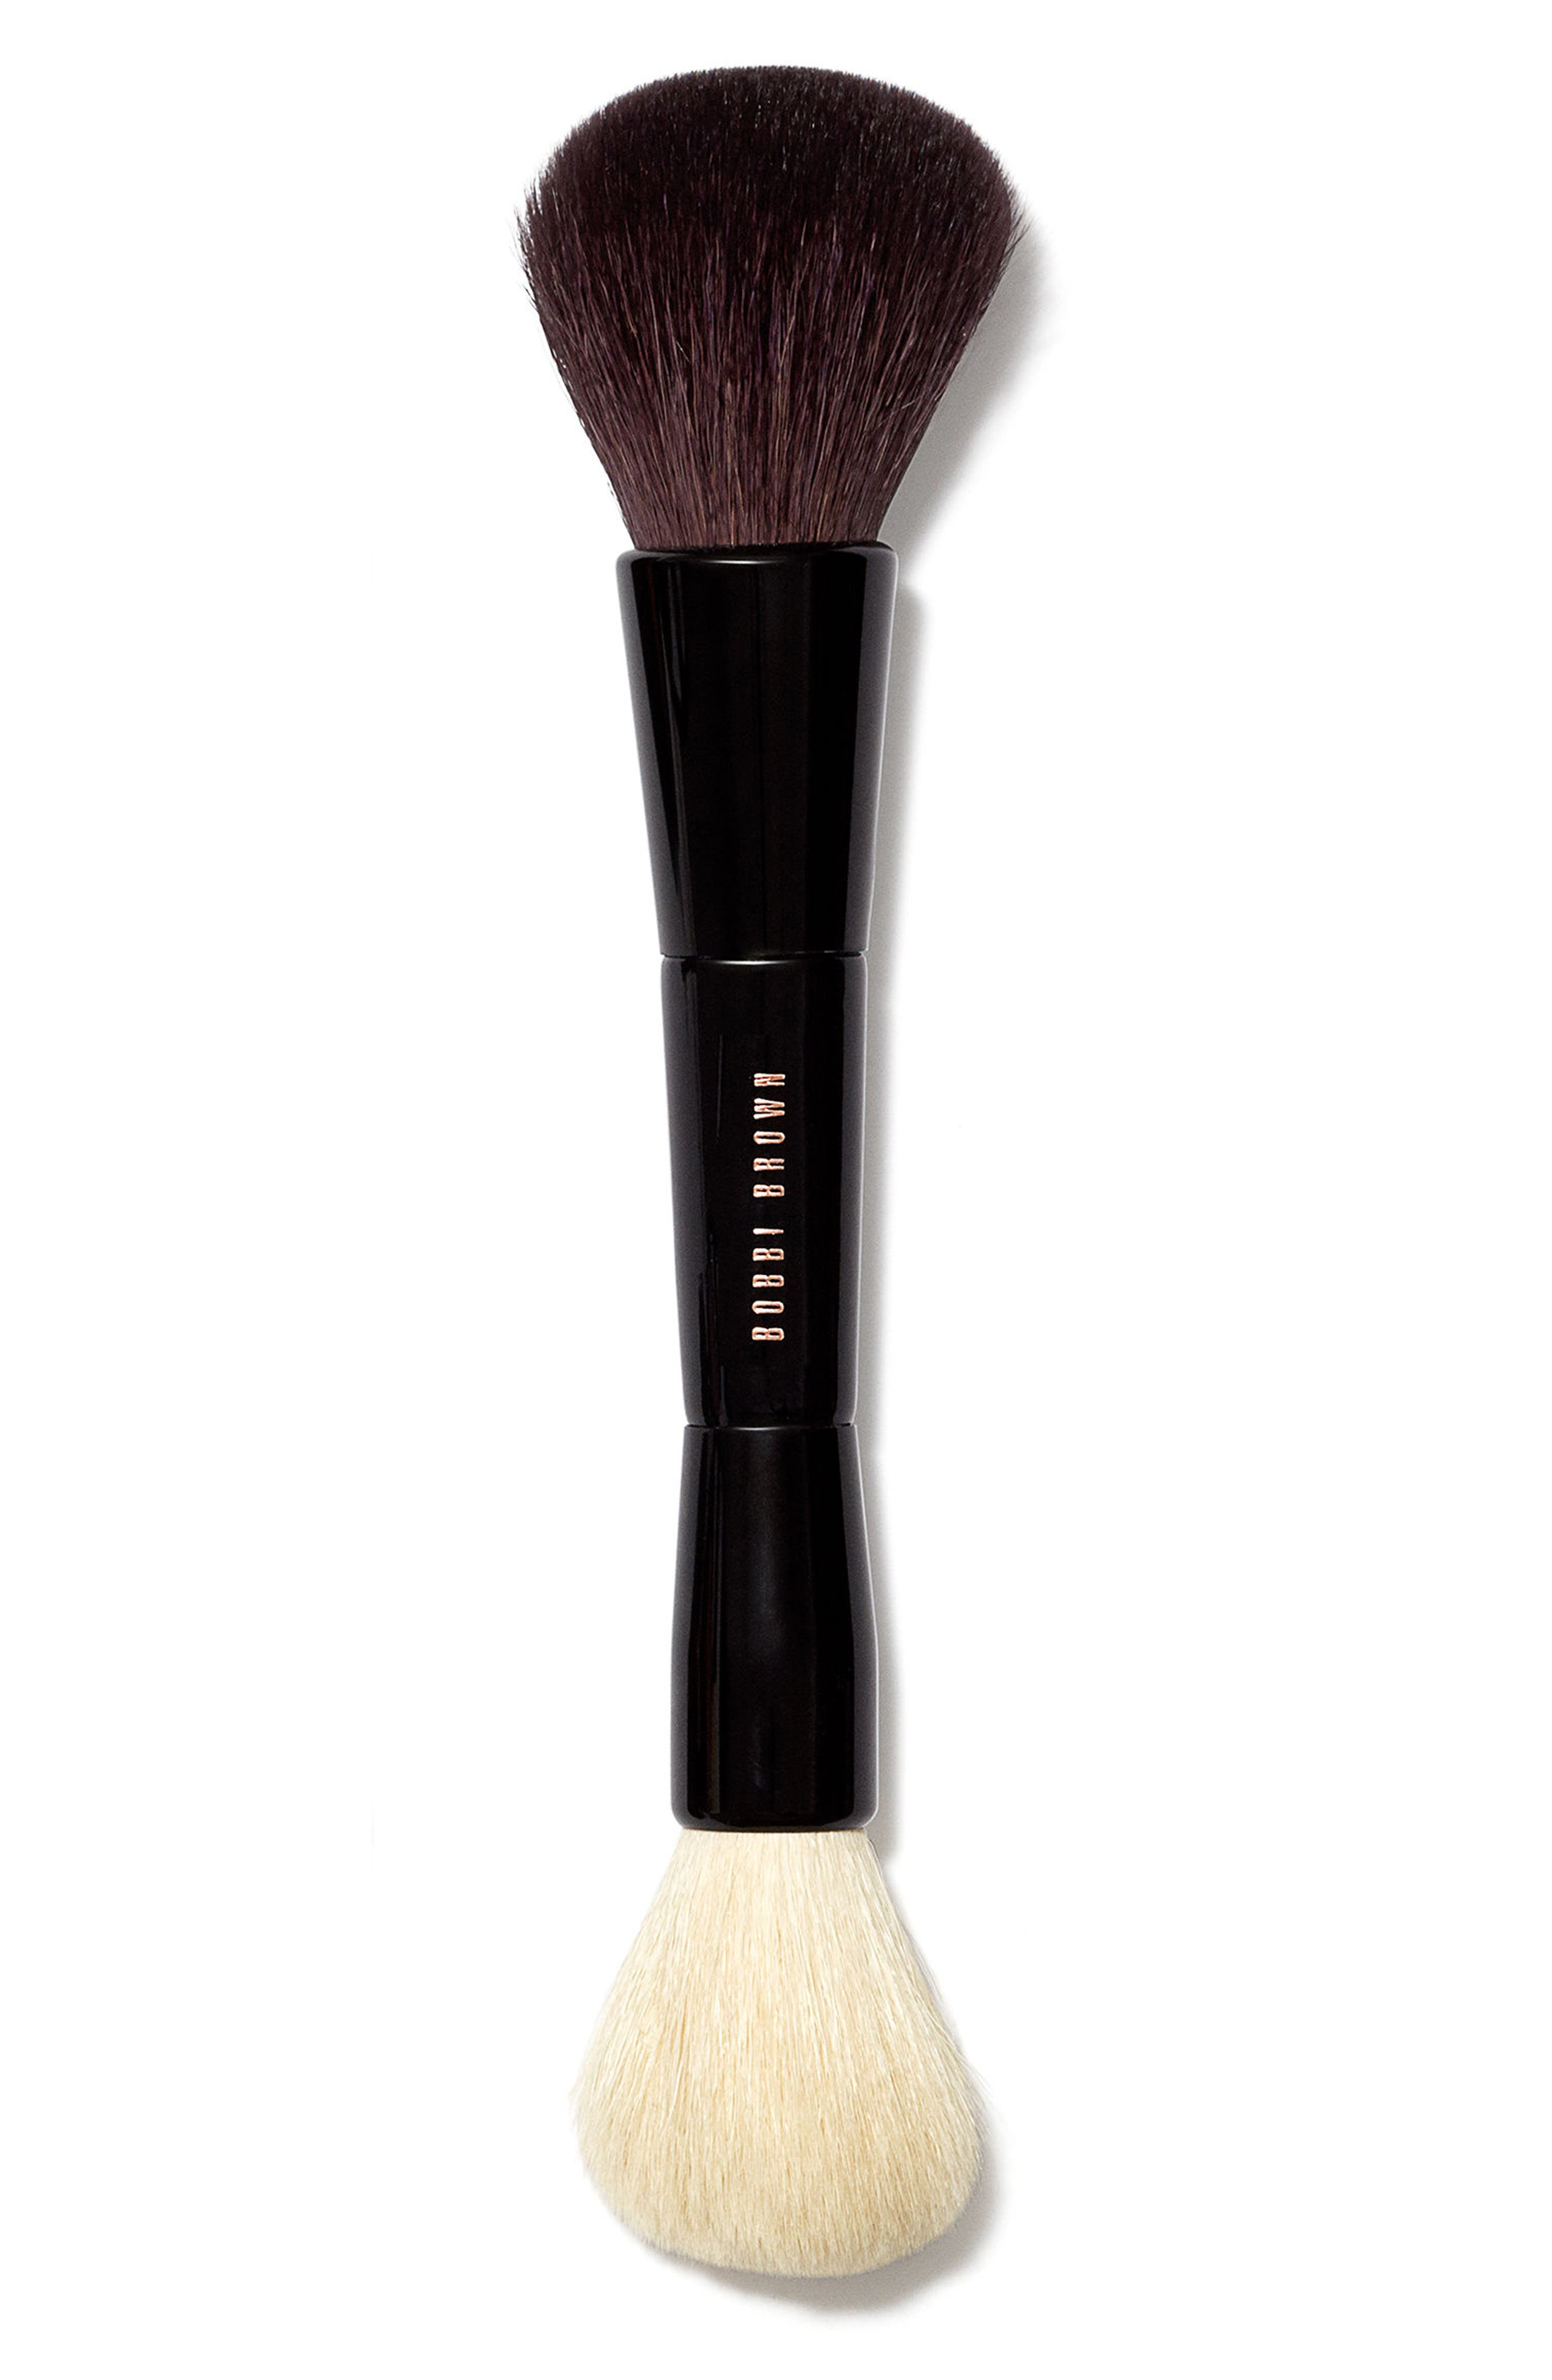 Bobbi Brown Dual Bronzer/Face Blender Brush